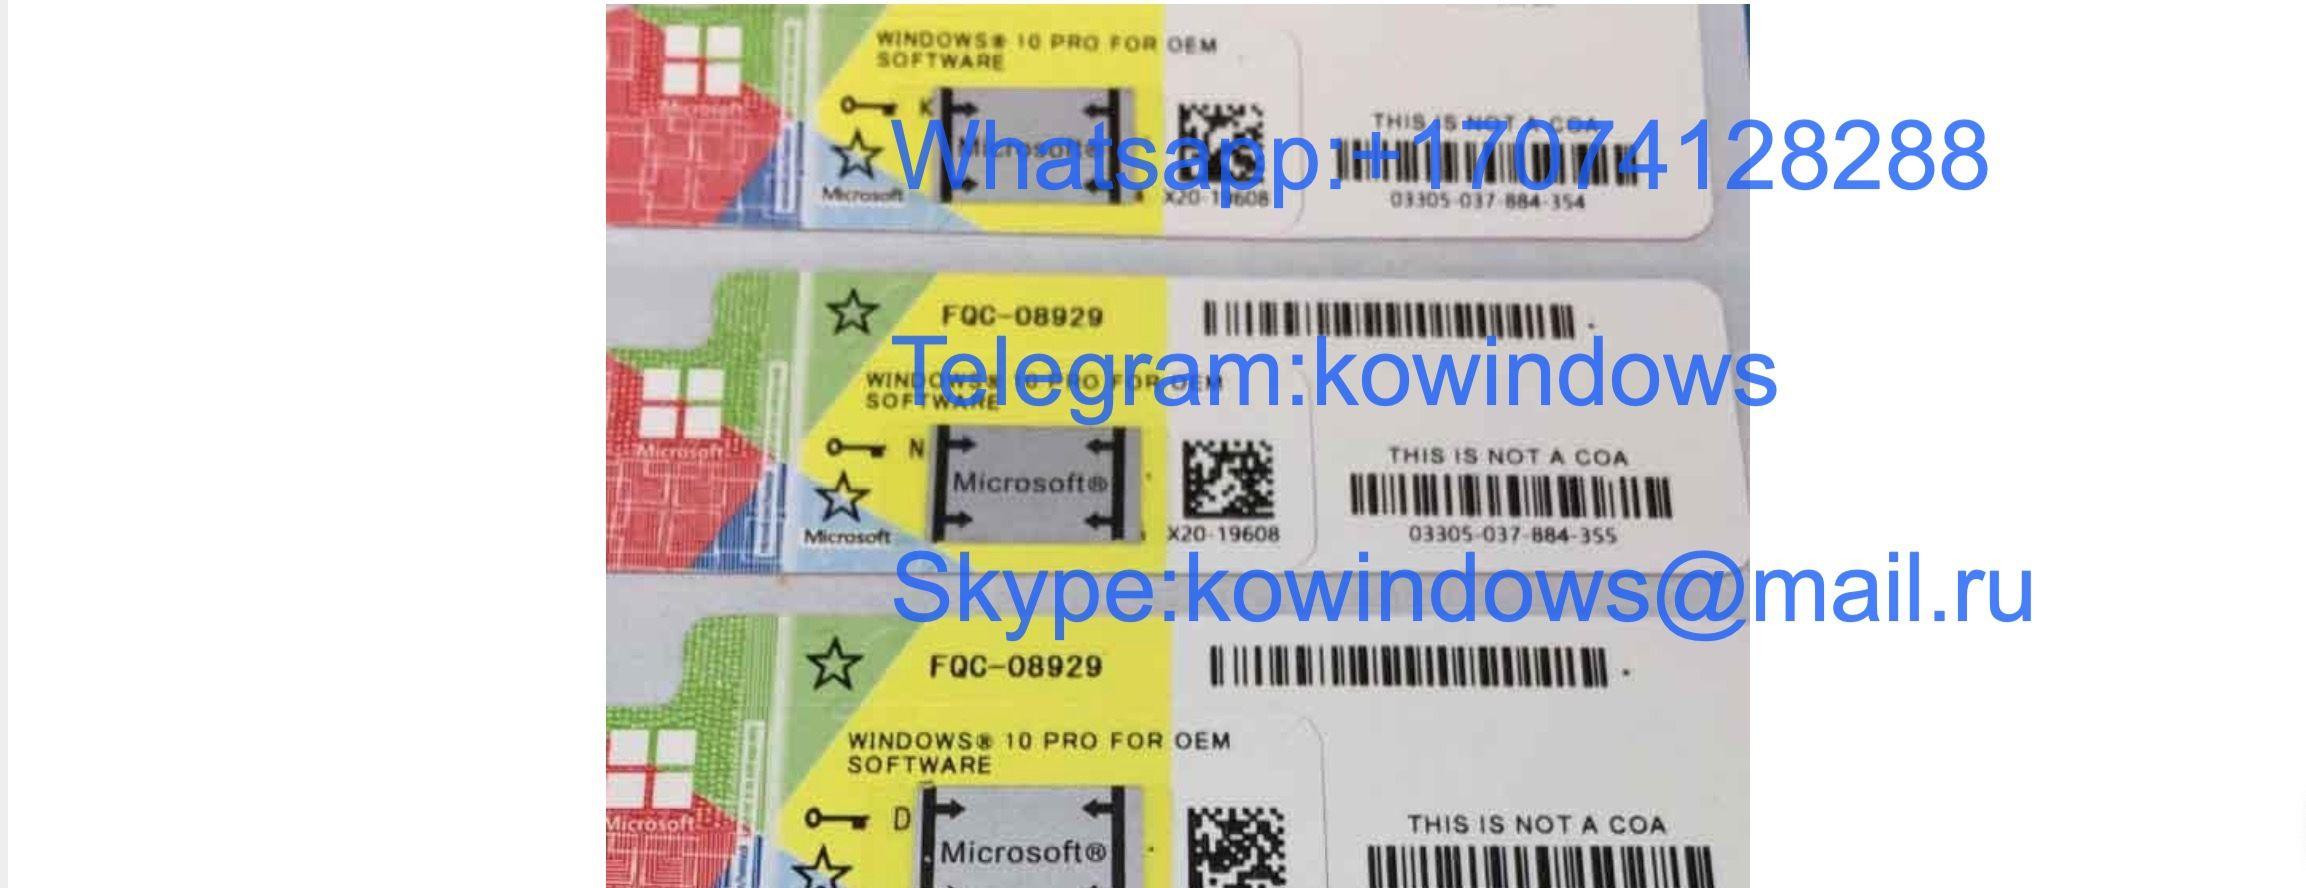 Windows 10 Coa Auslesen Windows 10 Coa Aufkleber Windows